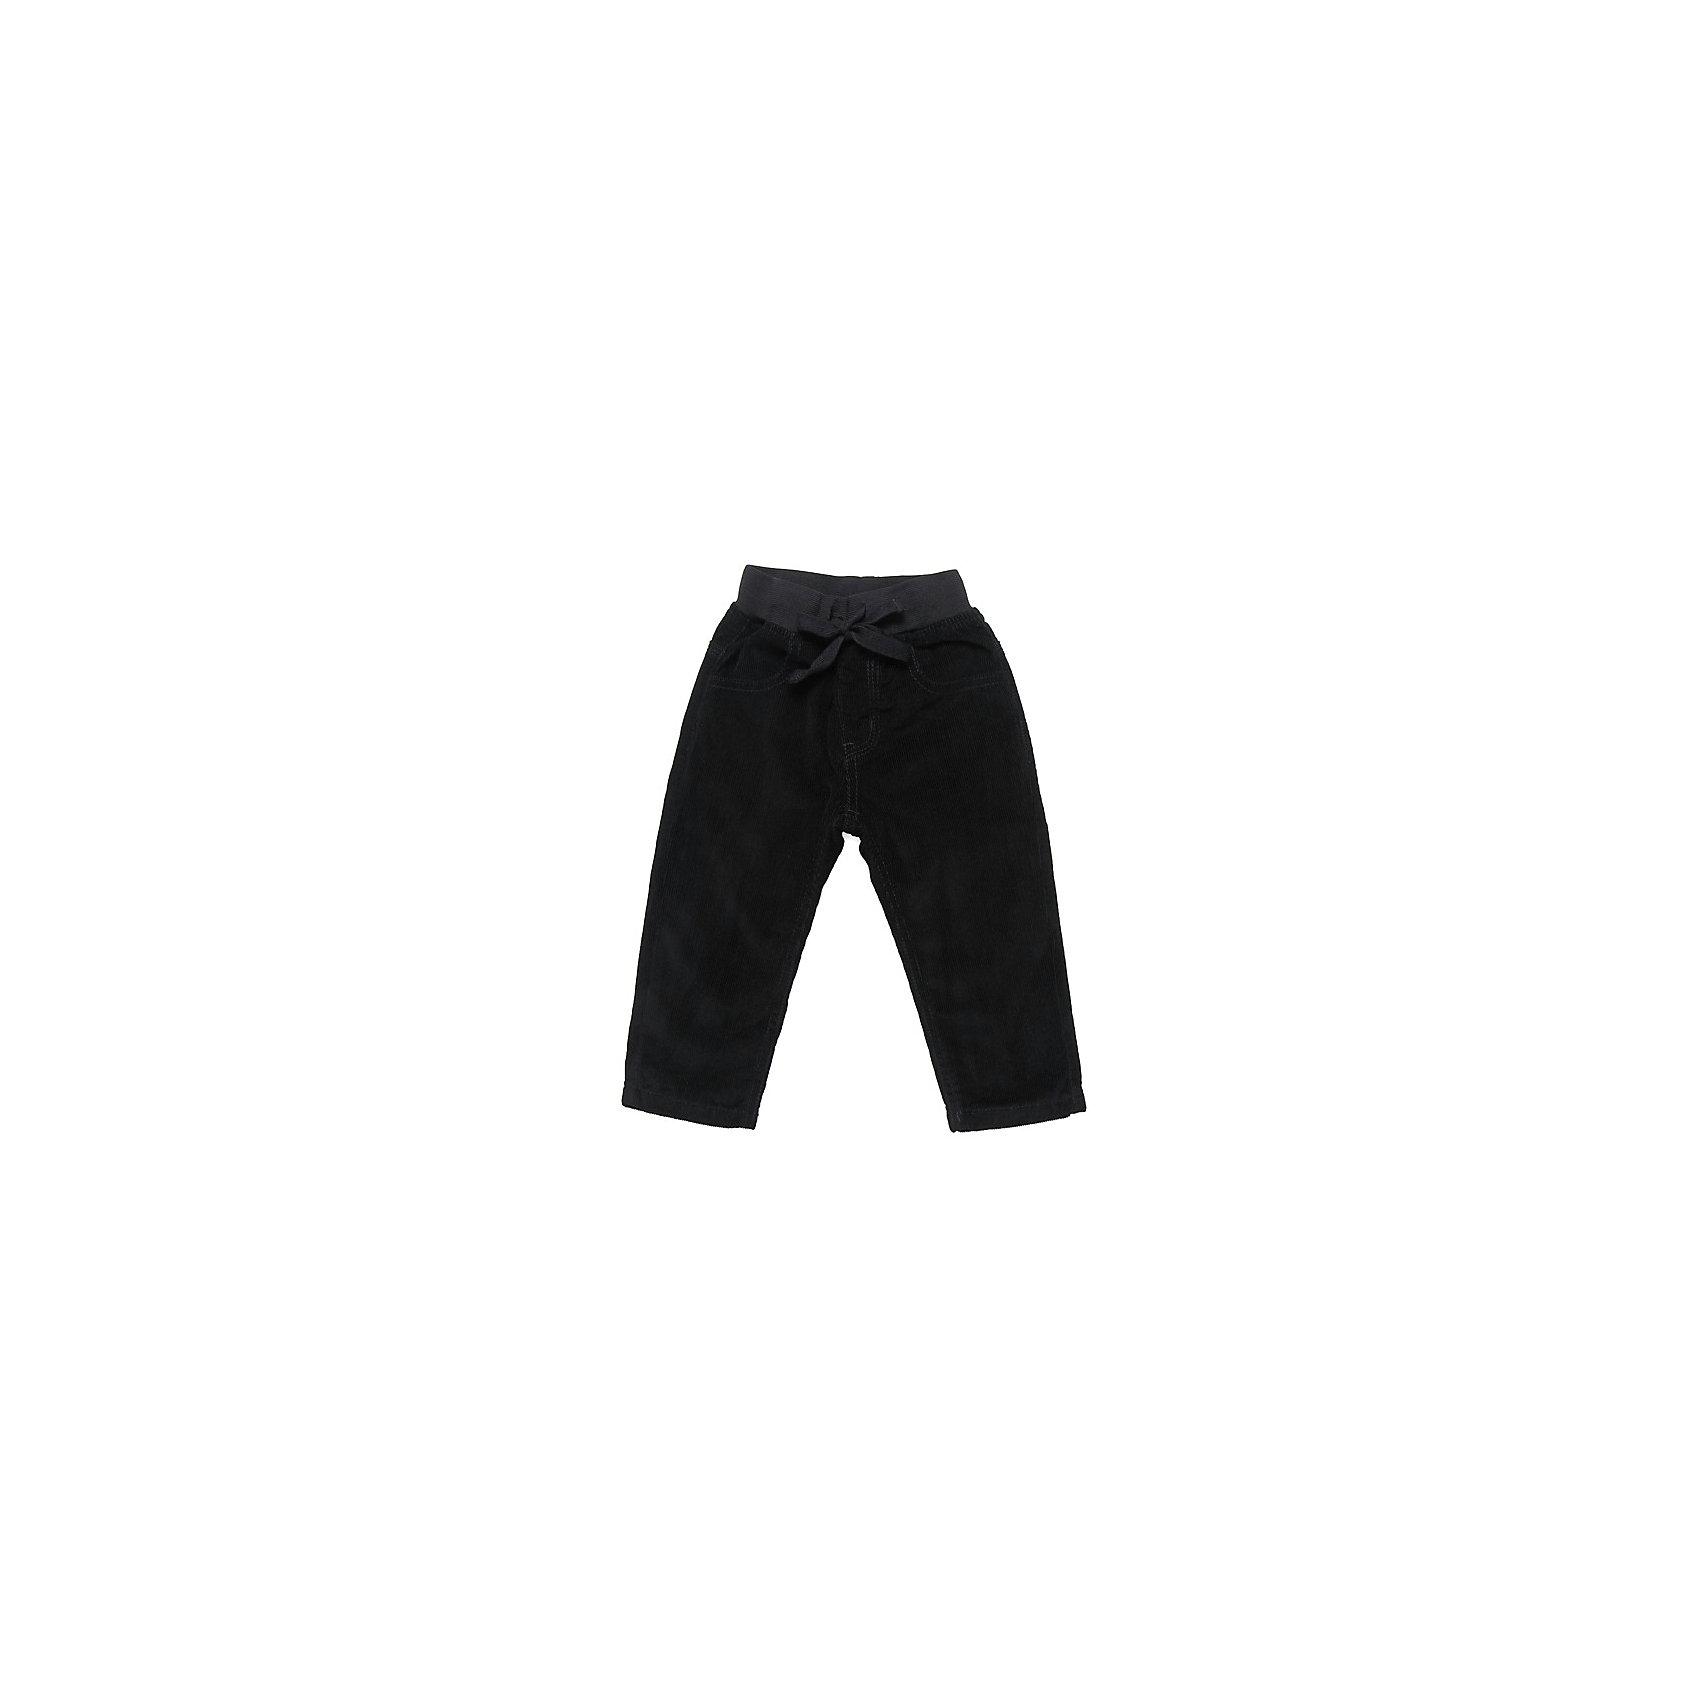 Брюки для мальчика Sweet BerryБрюки<br>Брюки для мальчика от известного бренда Sweet Berryсивол(10)Красивые брюки из мягкого вельвета на хлопковой трикотажной подкладке. Пояс на резинке. Спереди два функциональных кармана, сзади так же два кармана.<br>Состав:<br>100% хлопок<br><br>Ширина мм: 215<br>Глубина мм: 88<br>Высота мм: 191<br>Вес г: 336<br>Цвет: синий<br>Возраст от месяцев: 12<br>Возраст до месяцев: 15<br>Пол: Мужской<br>Возраст: Детский<br>Размер: 80,92,98,86<br>SKU: 4812754